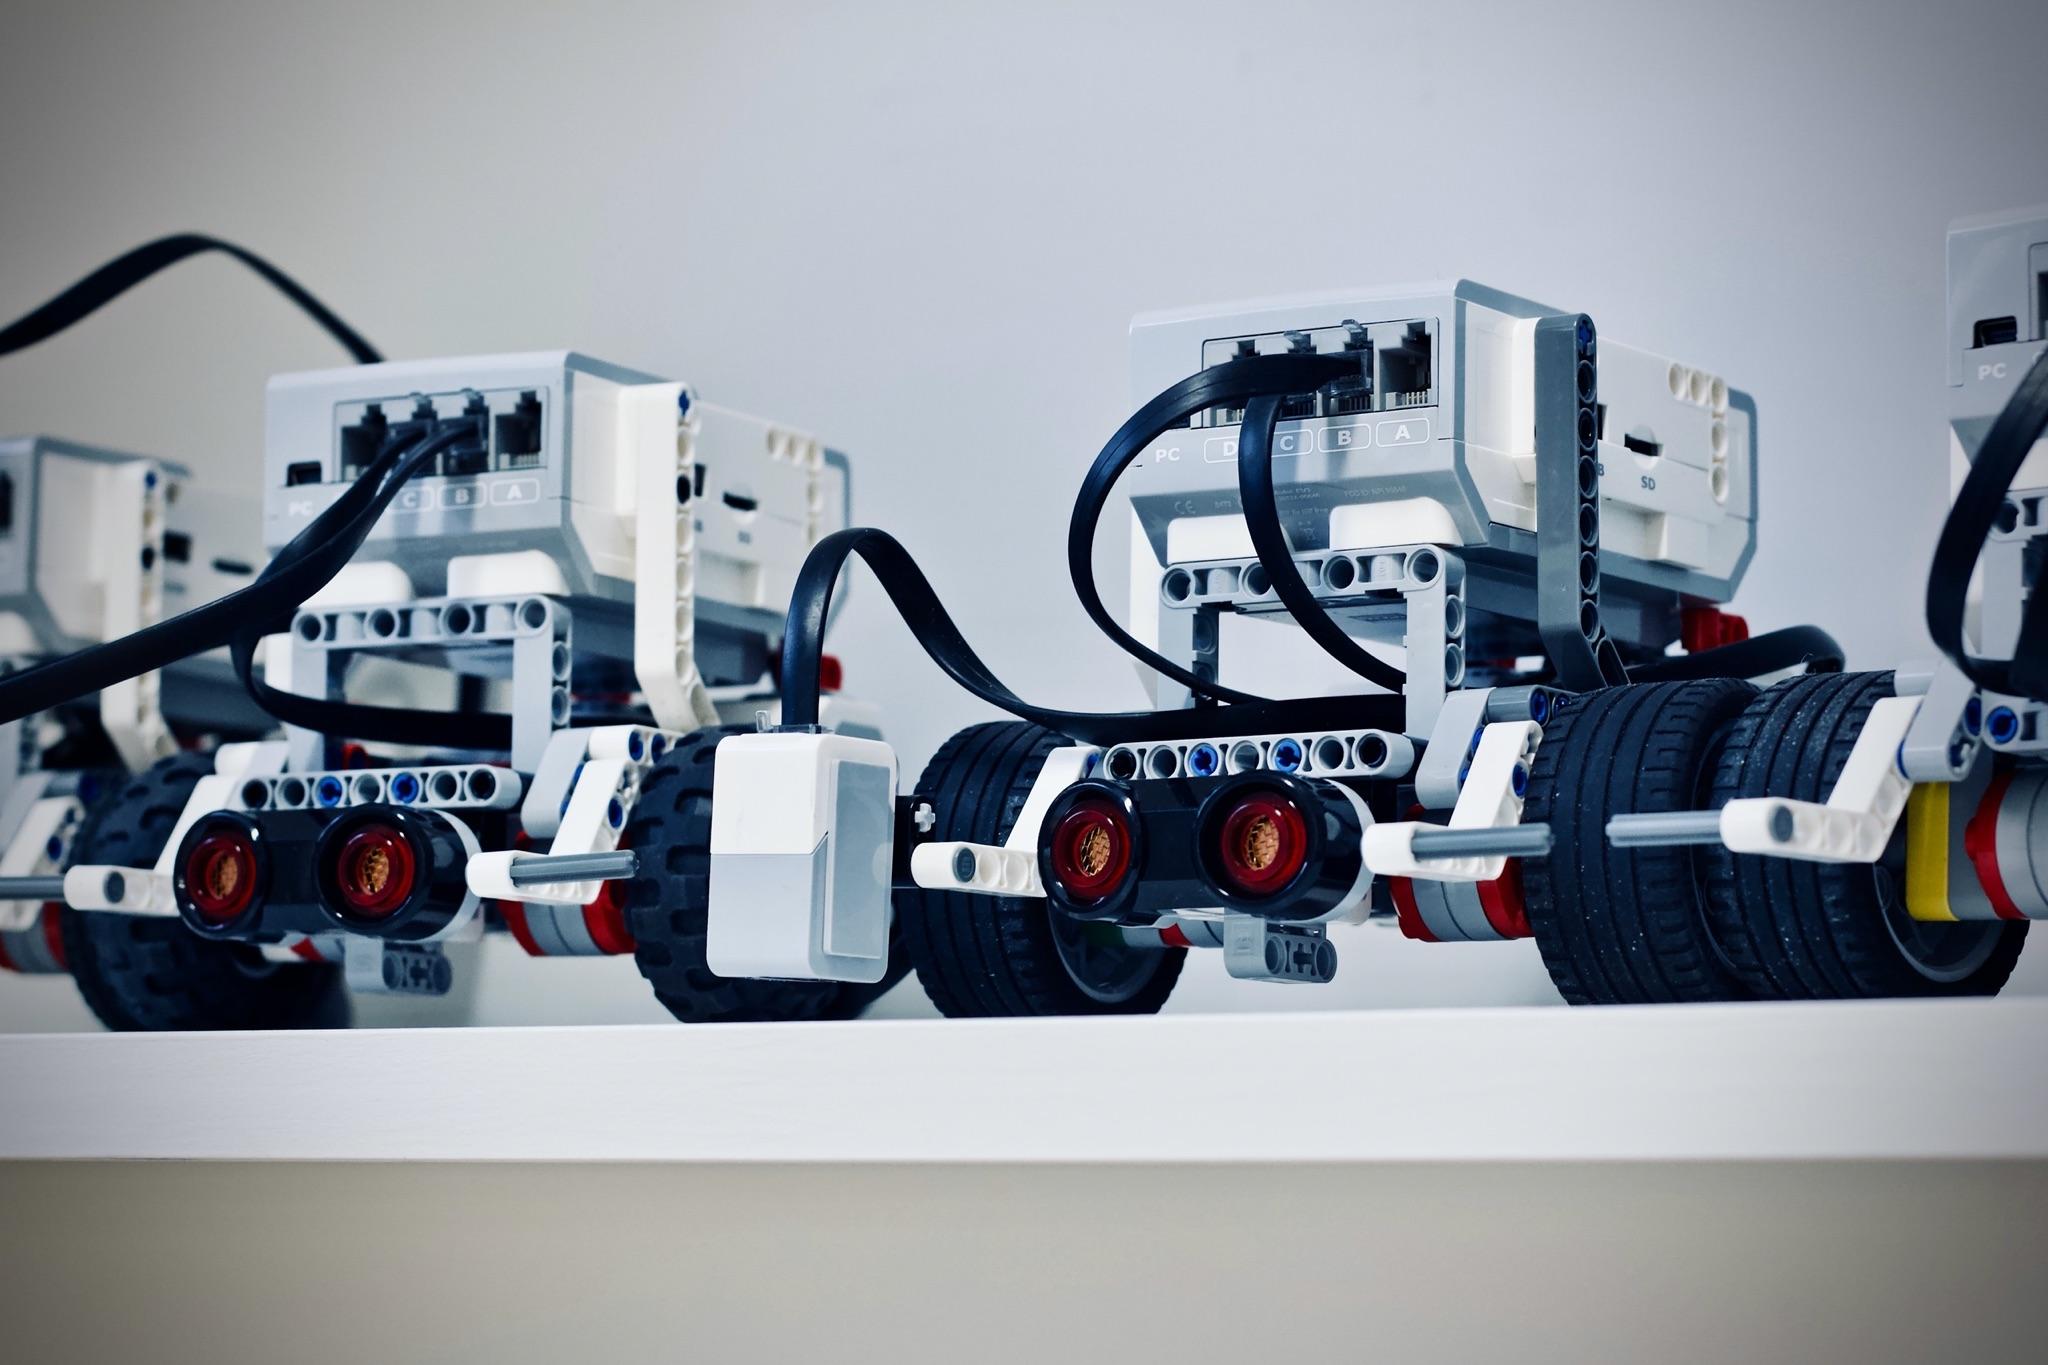 Ein Foto von Lego Mindstorms Robotern